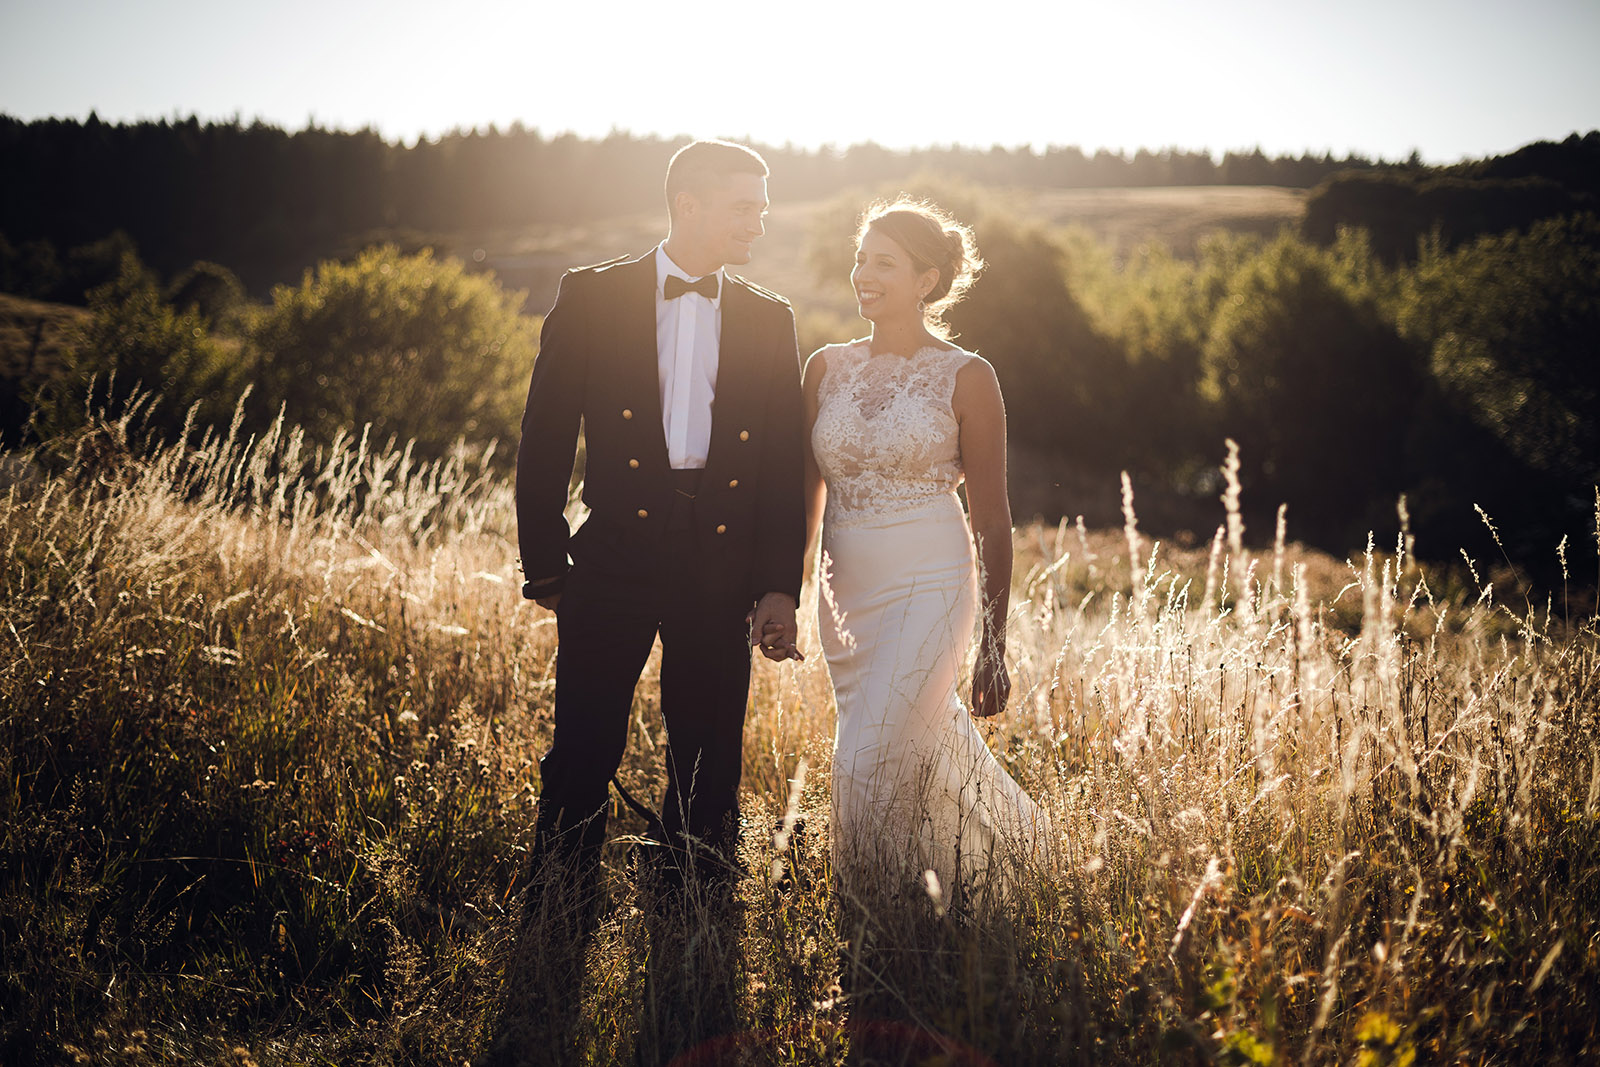 mariage-wedding-reportage-robe-de-mariee-clermont-ferrand-vichy-auvergne-rhone-alpes-photo-de-couple-photographe-photographer-elise-julliard-lac-de-guery-puy-de-dome-mont-dore-4